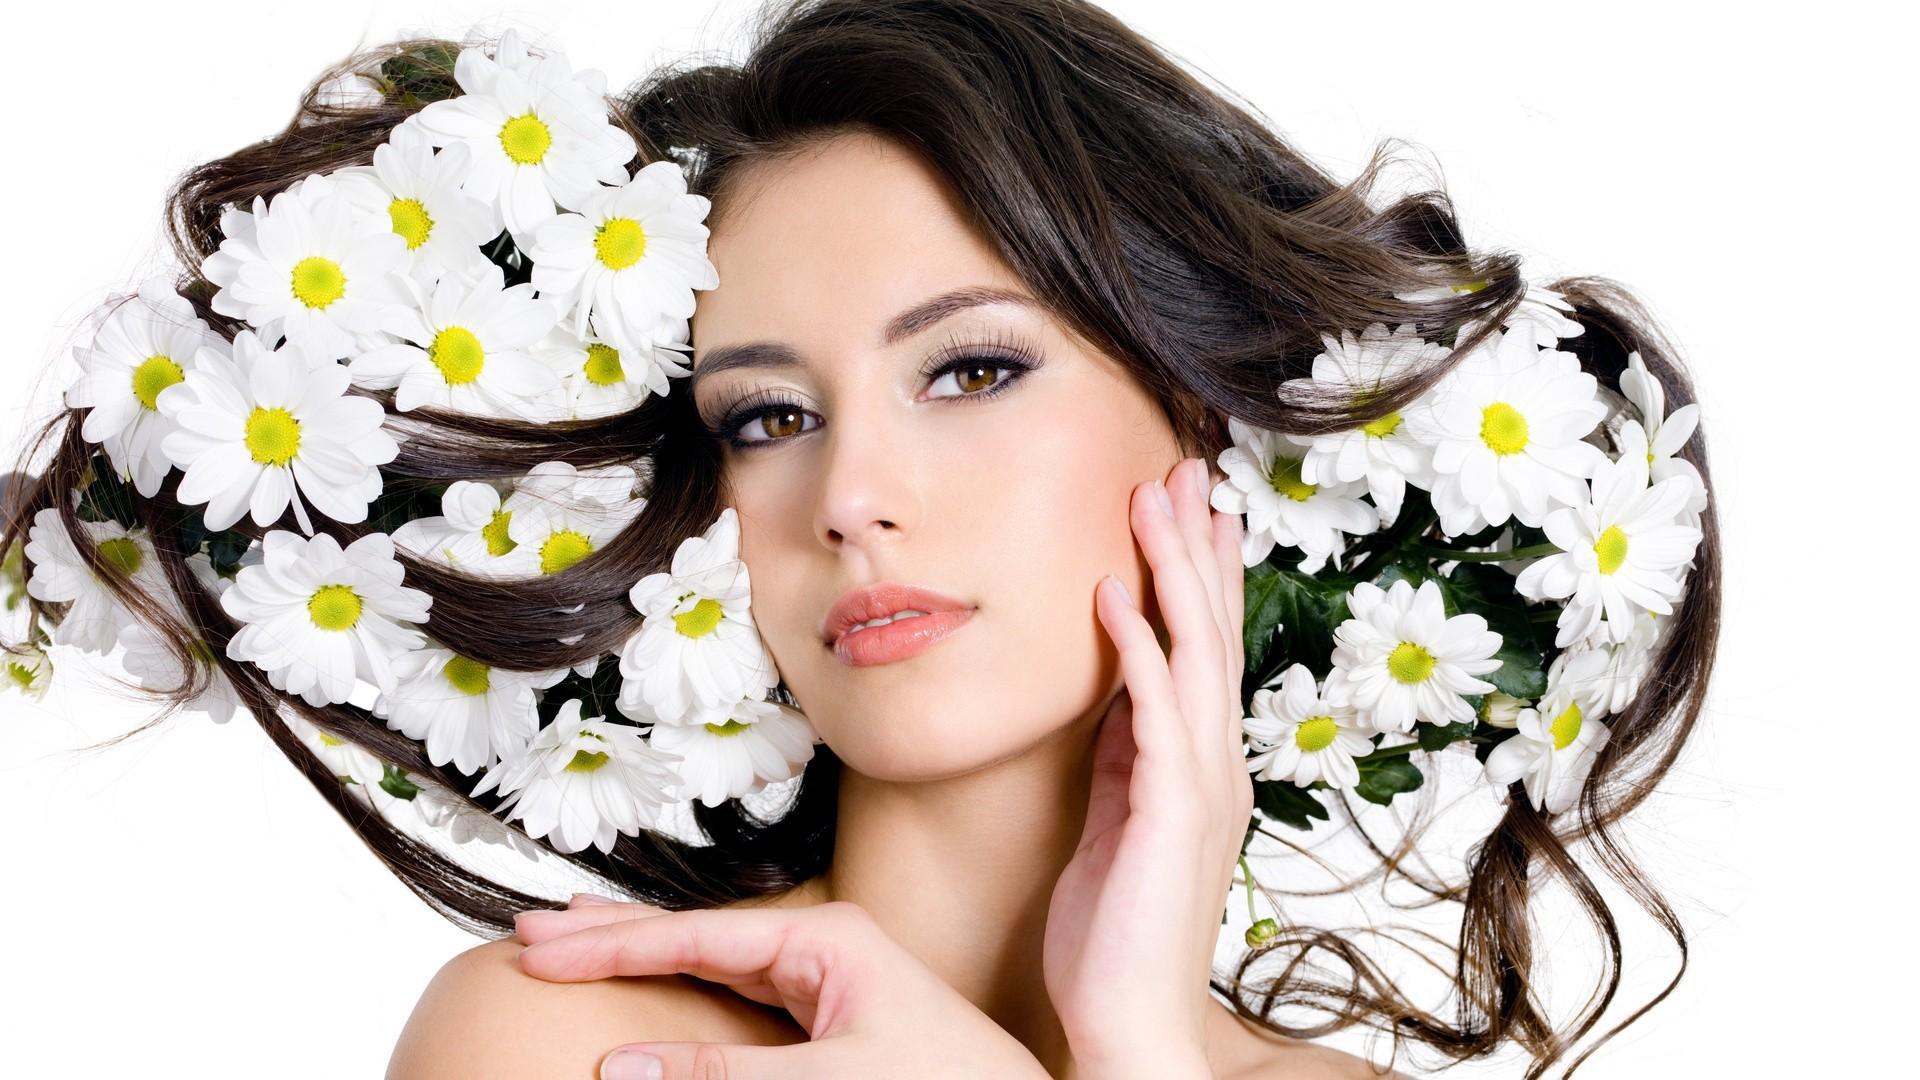 Flores y rostros hermosos - 1920x1080